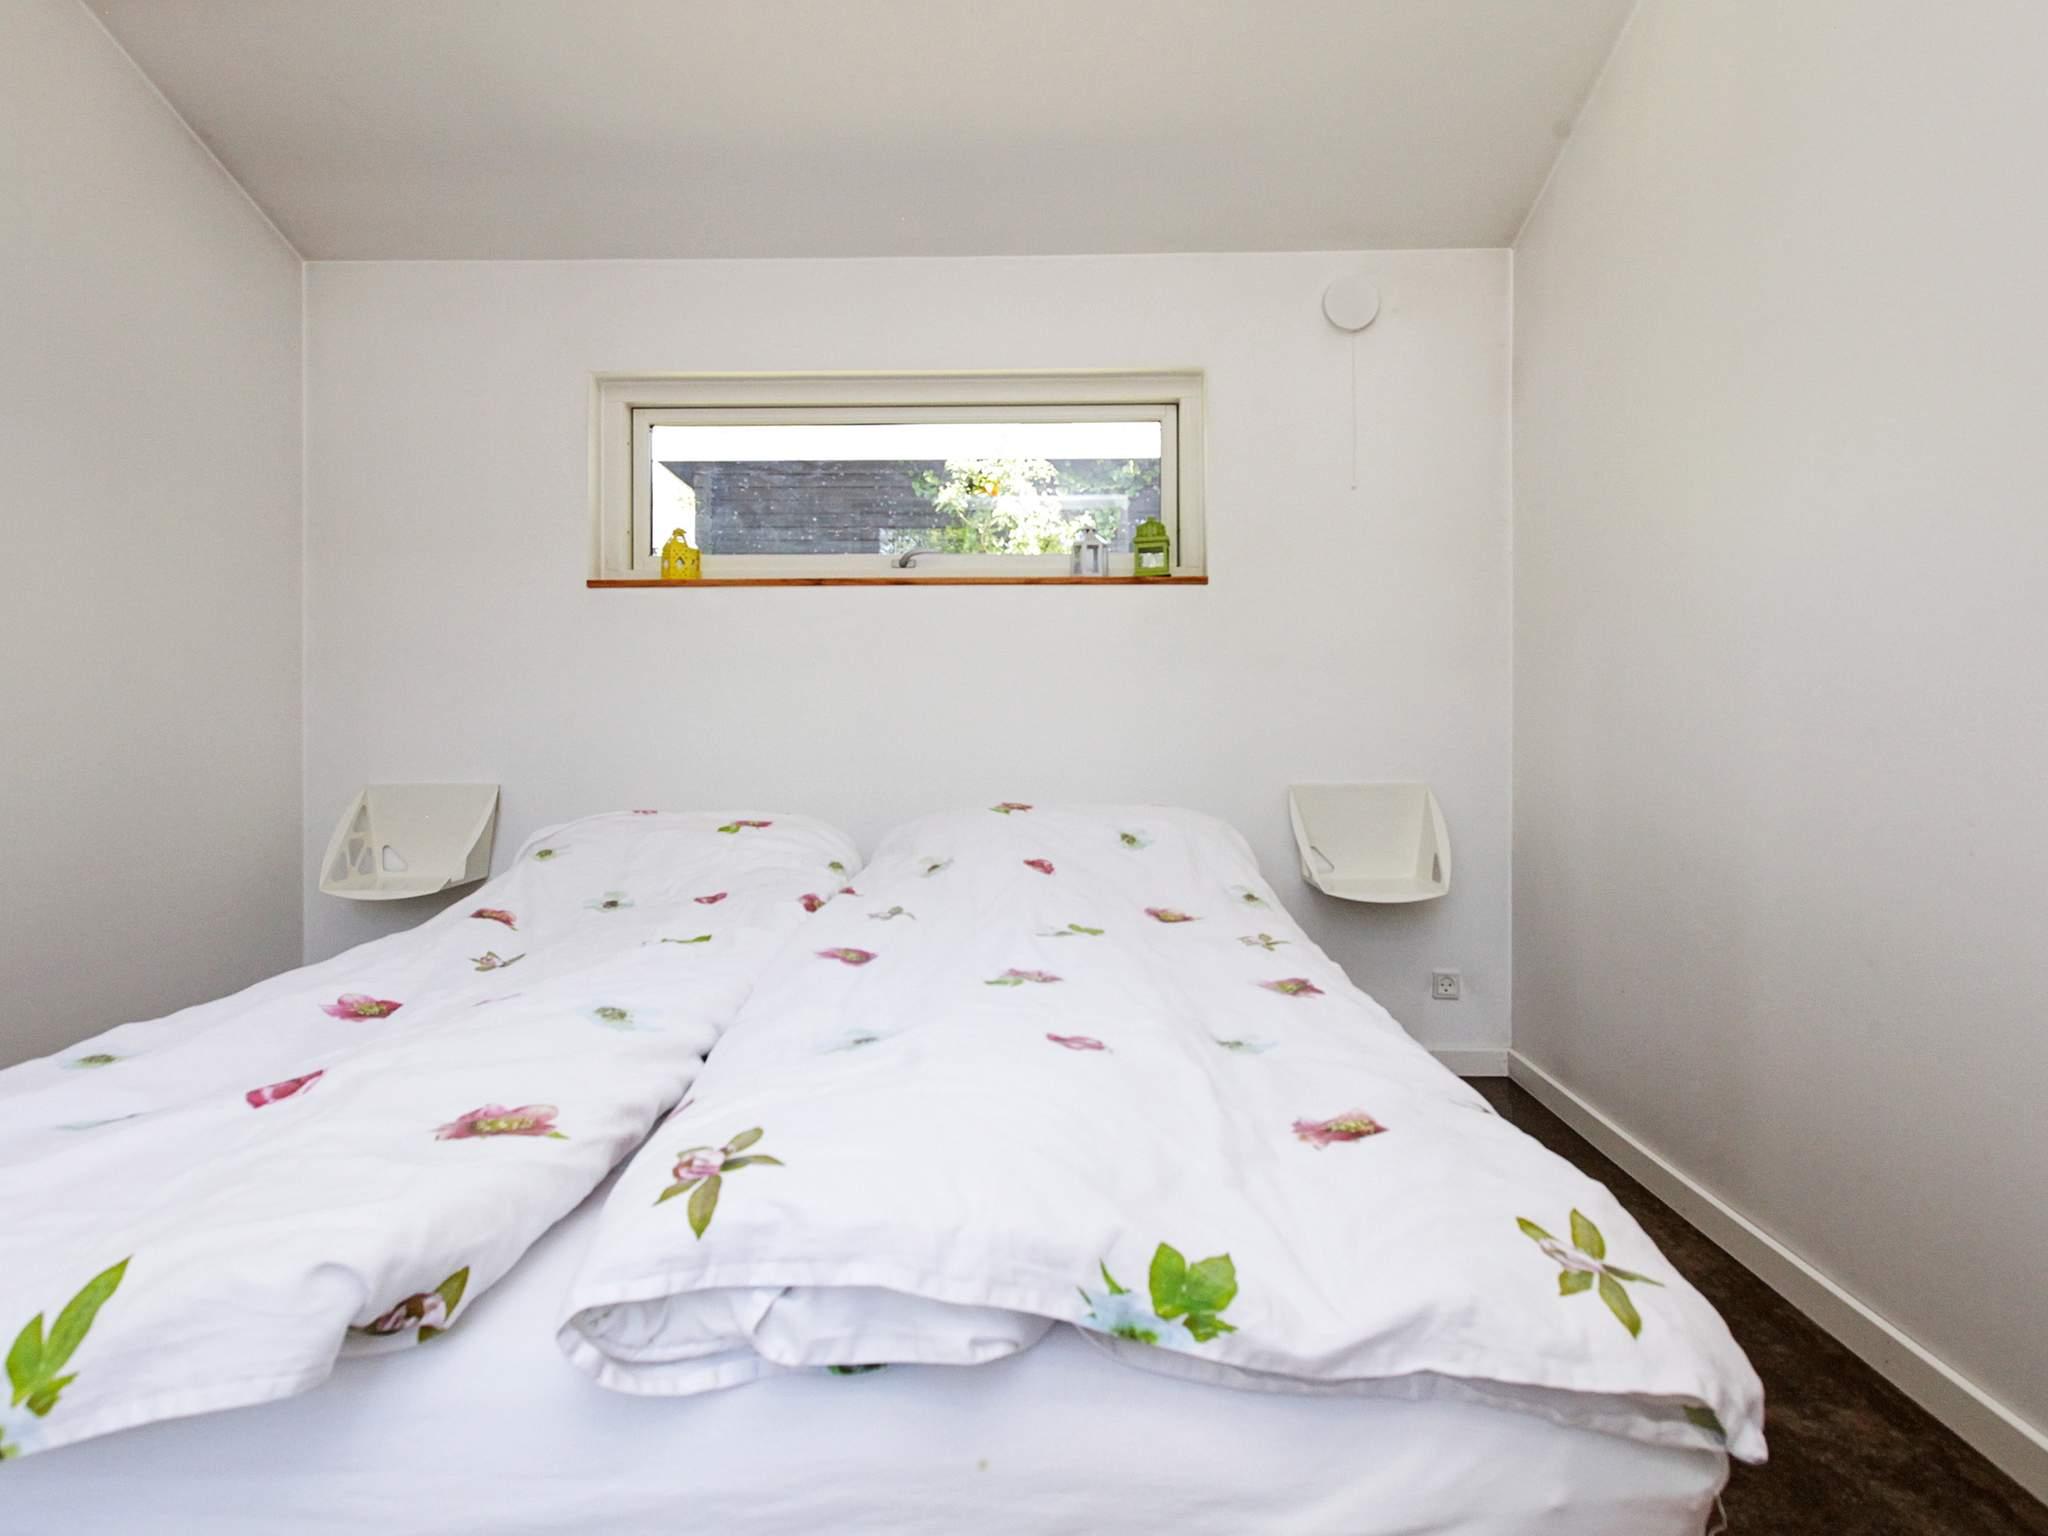 Ferienhaus Udsholt Strand (2417490), Udsholt, , Nordseeland, Dänemark, Bild 12